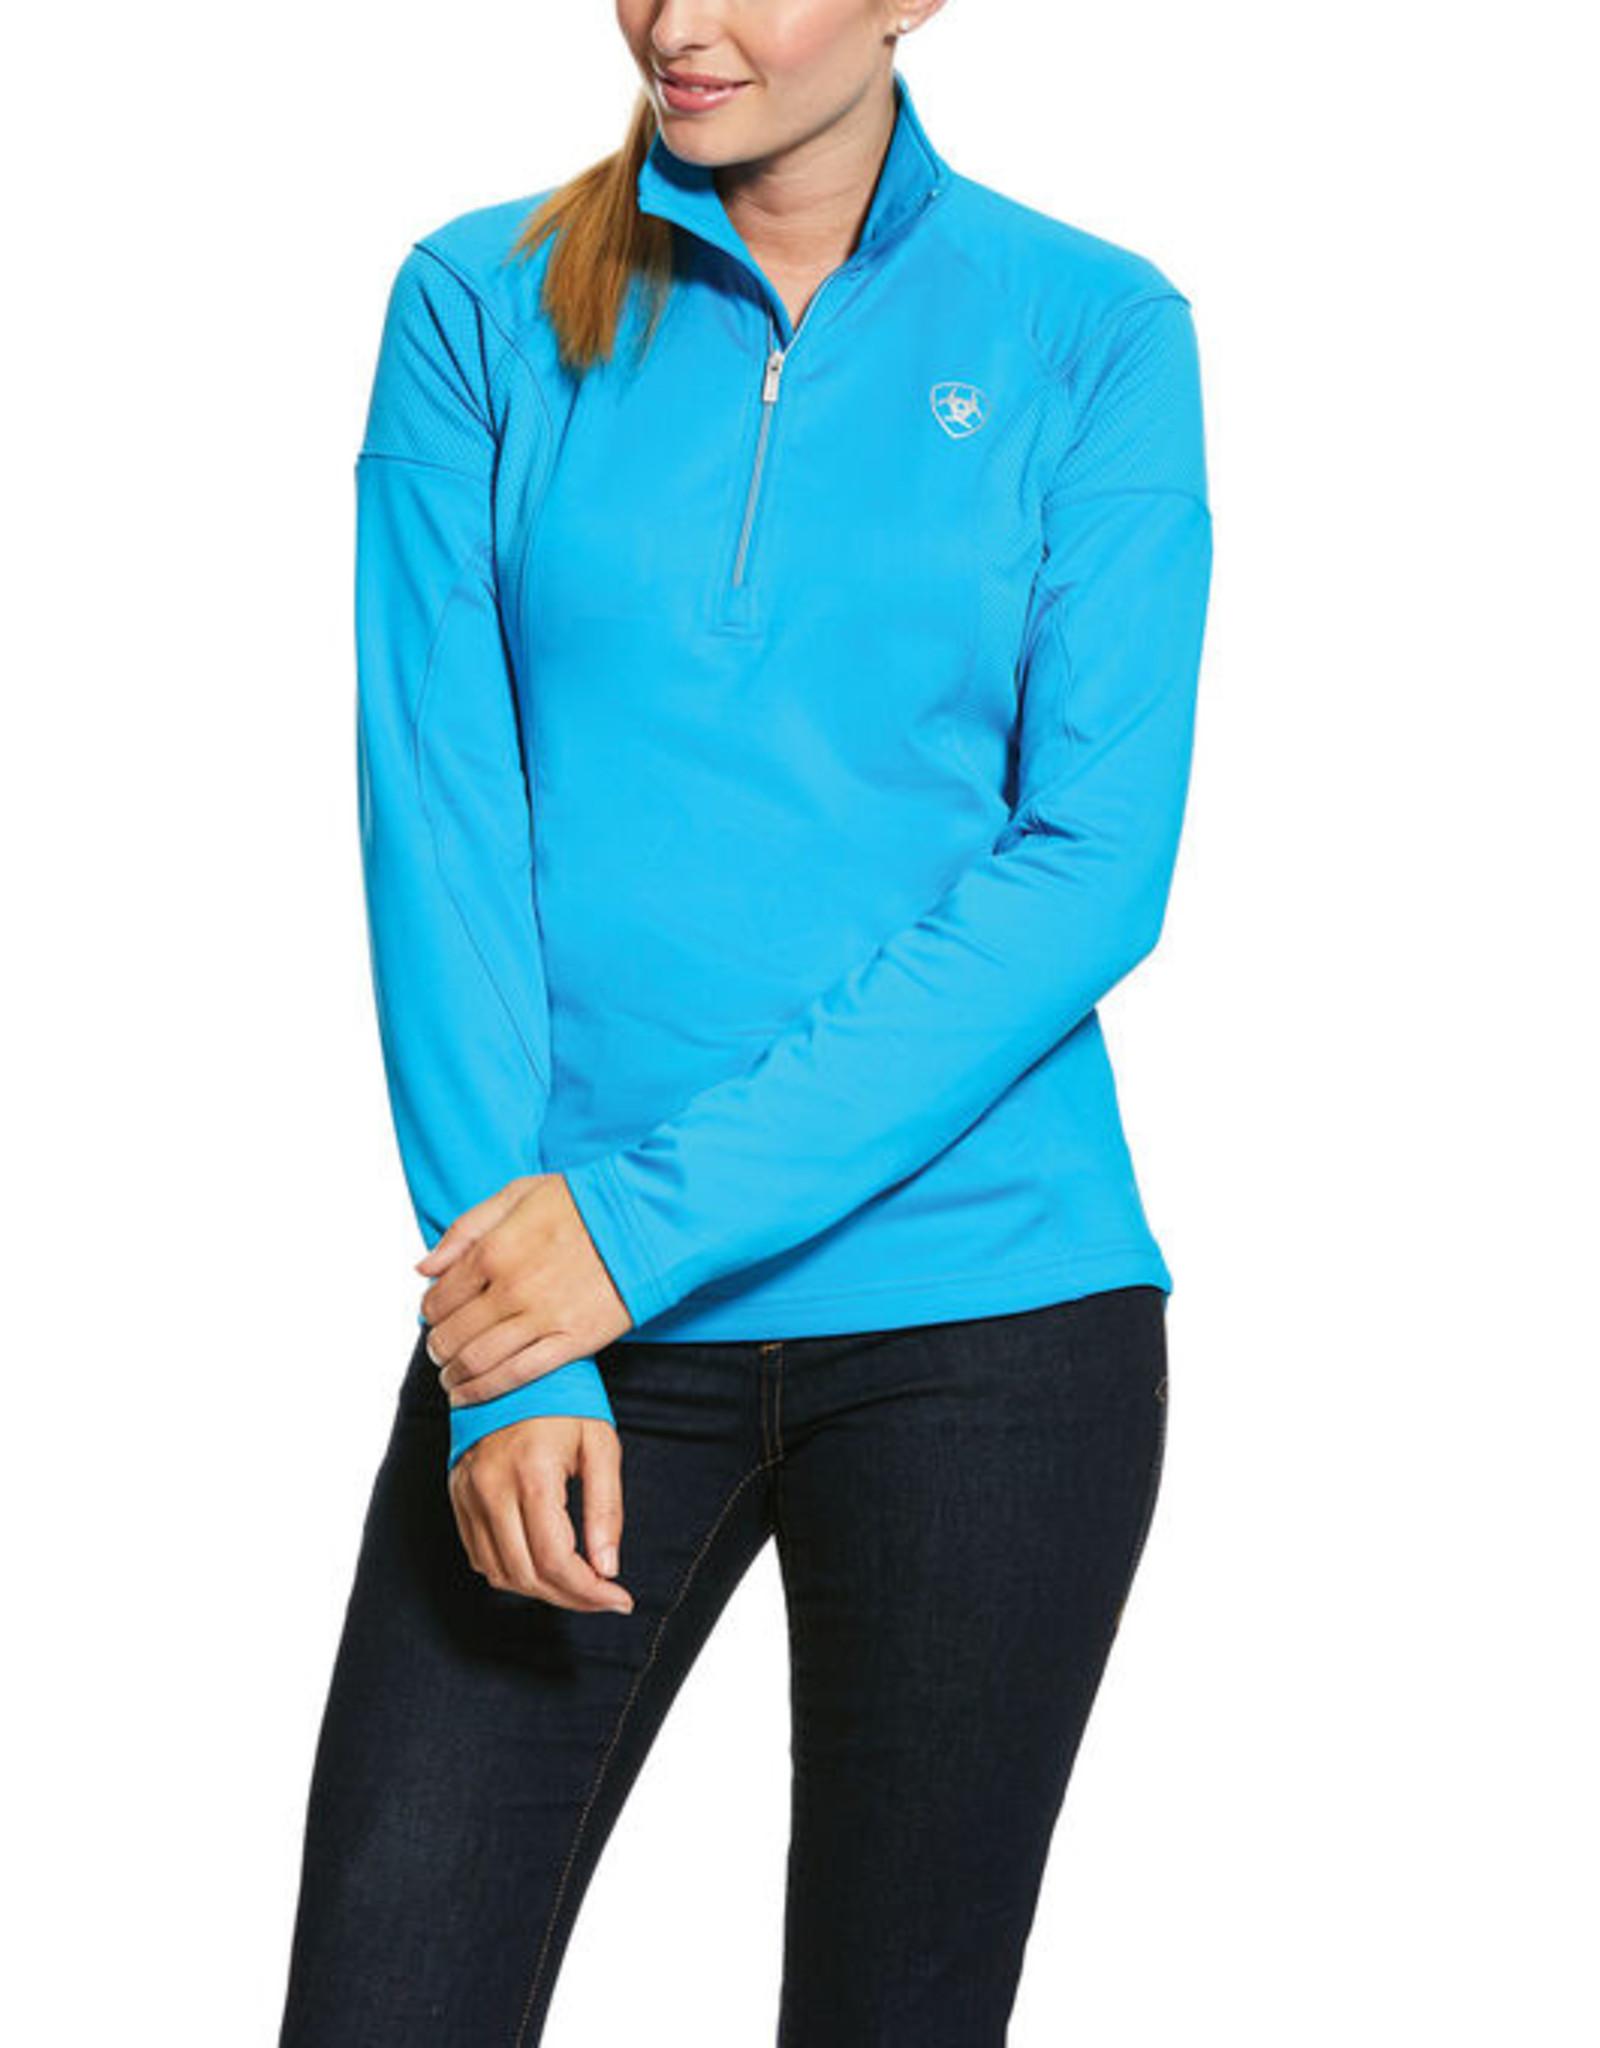 Ariat Ladies' 1/4 Zip Tolt Sweatshirt